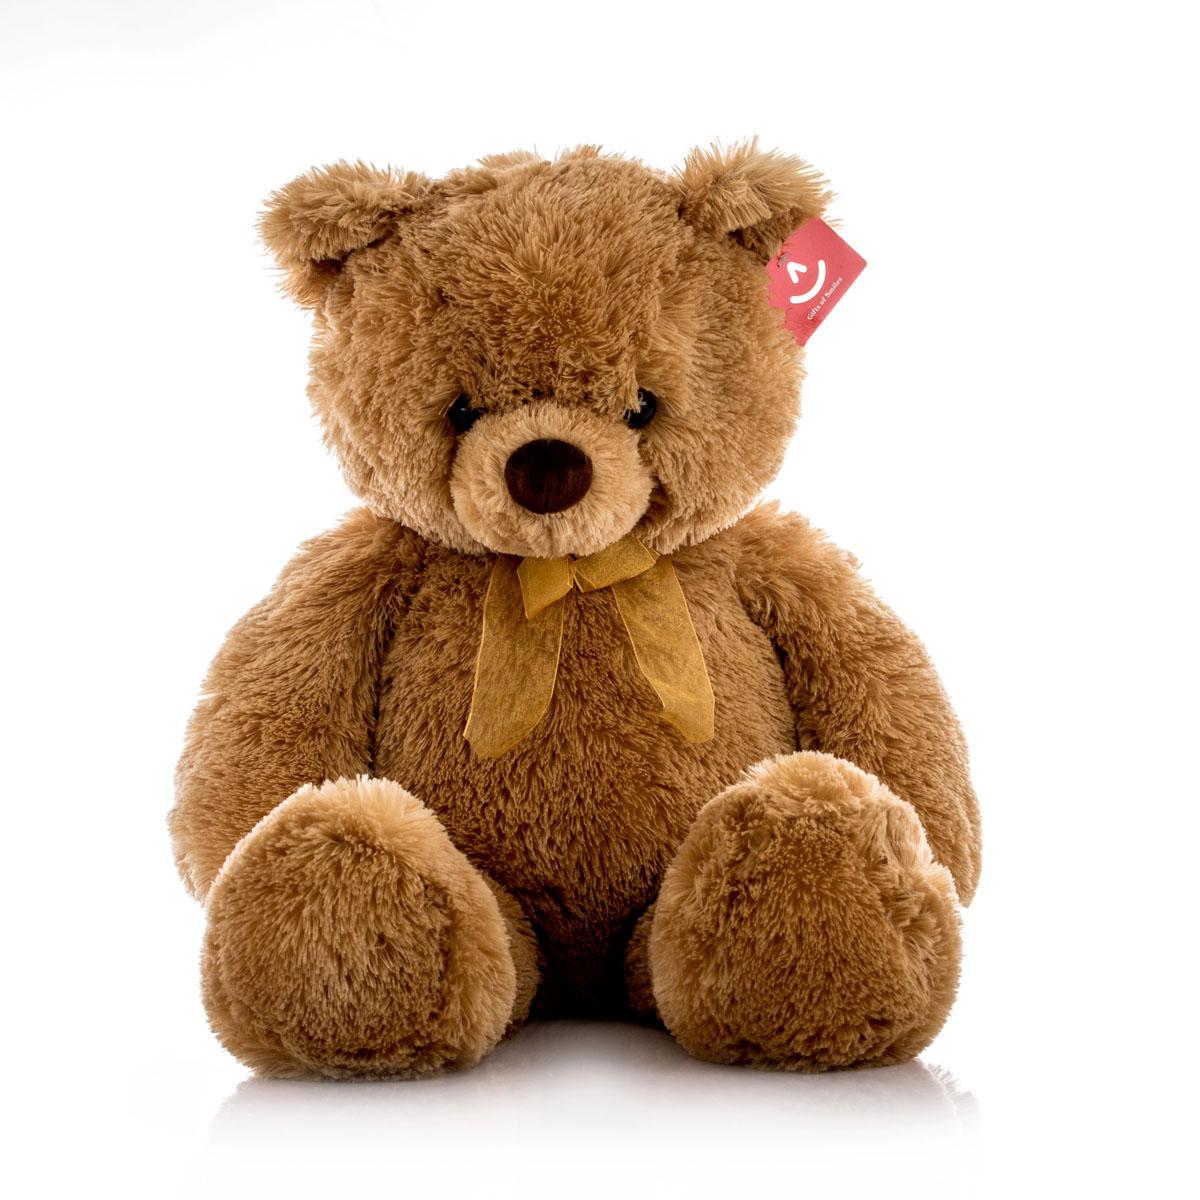 Aurora Игрушка мягкая Медведь 65 см15-322Игрушка Аврора станет замечательным подарком не только для мальчиков и девочек разных возрастов, но и для взрослых. Игрушку можно стирать вручную или в машинке - она не деформируется и не потеряет цвета, шерсть не линяет и не скатывается со временем.